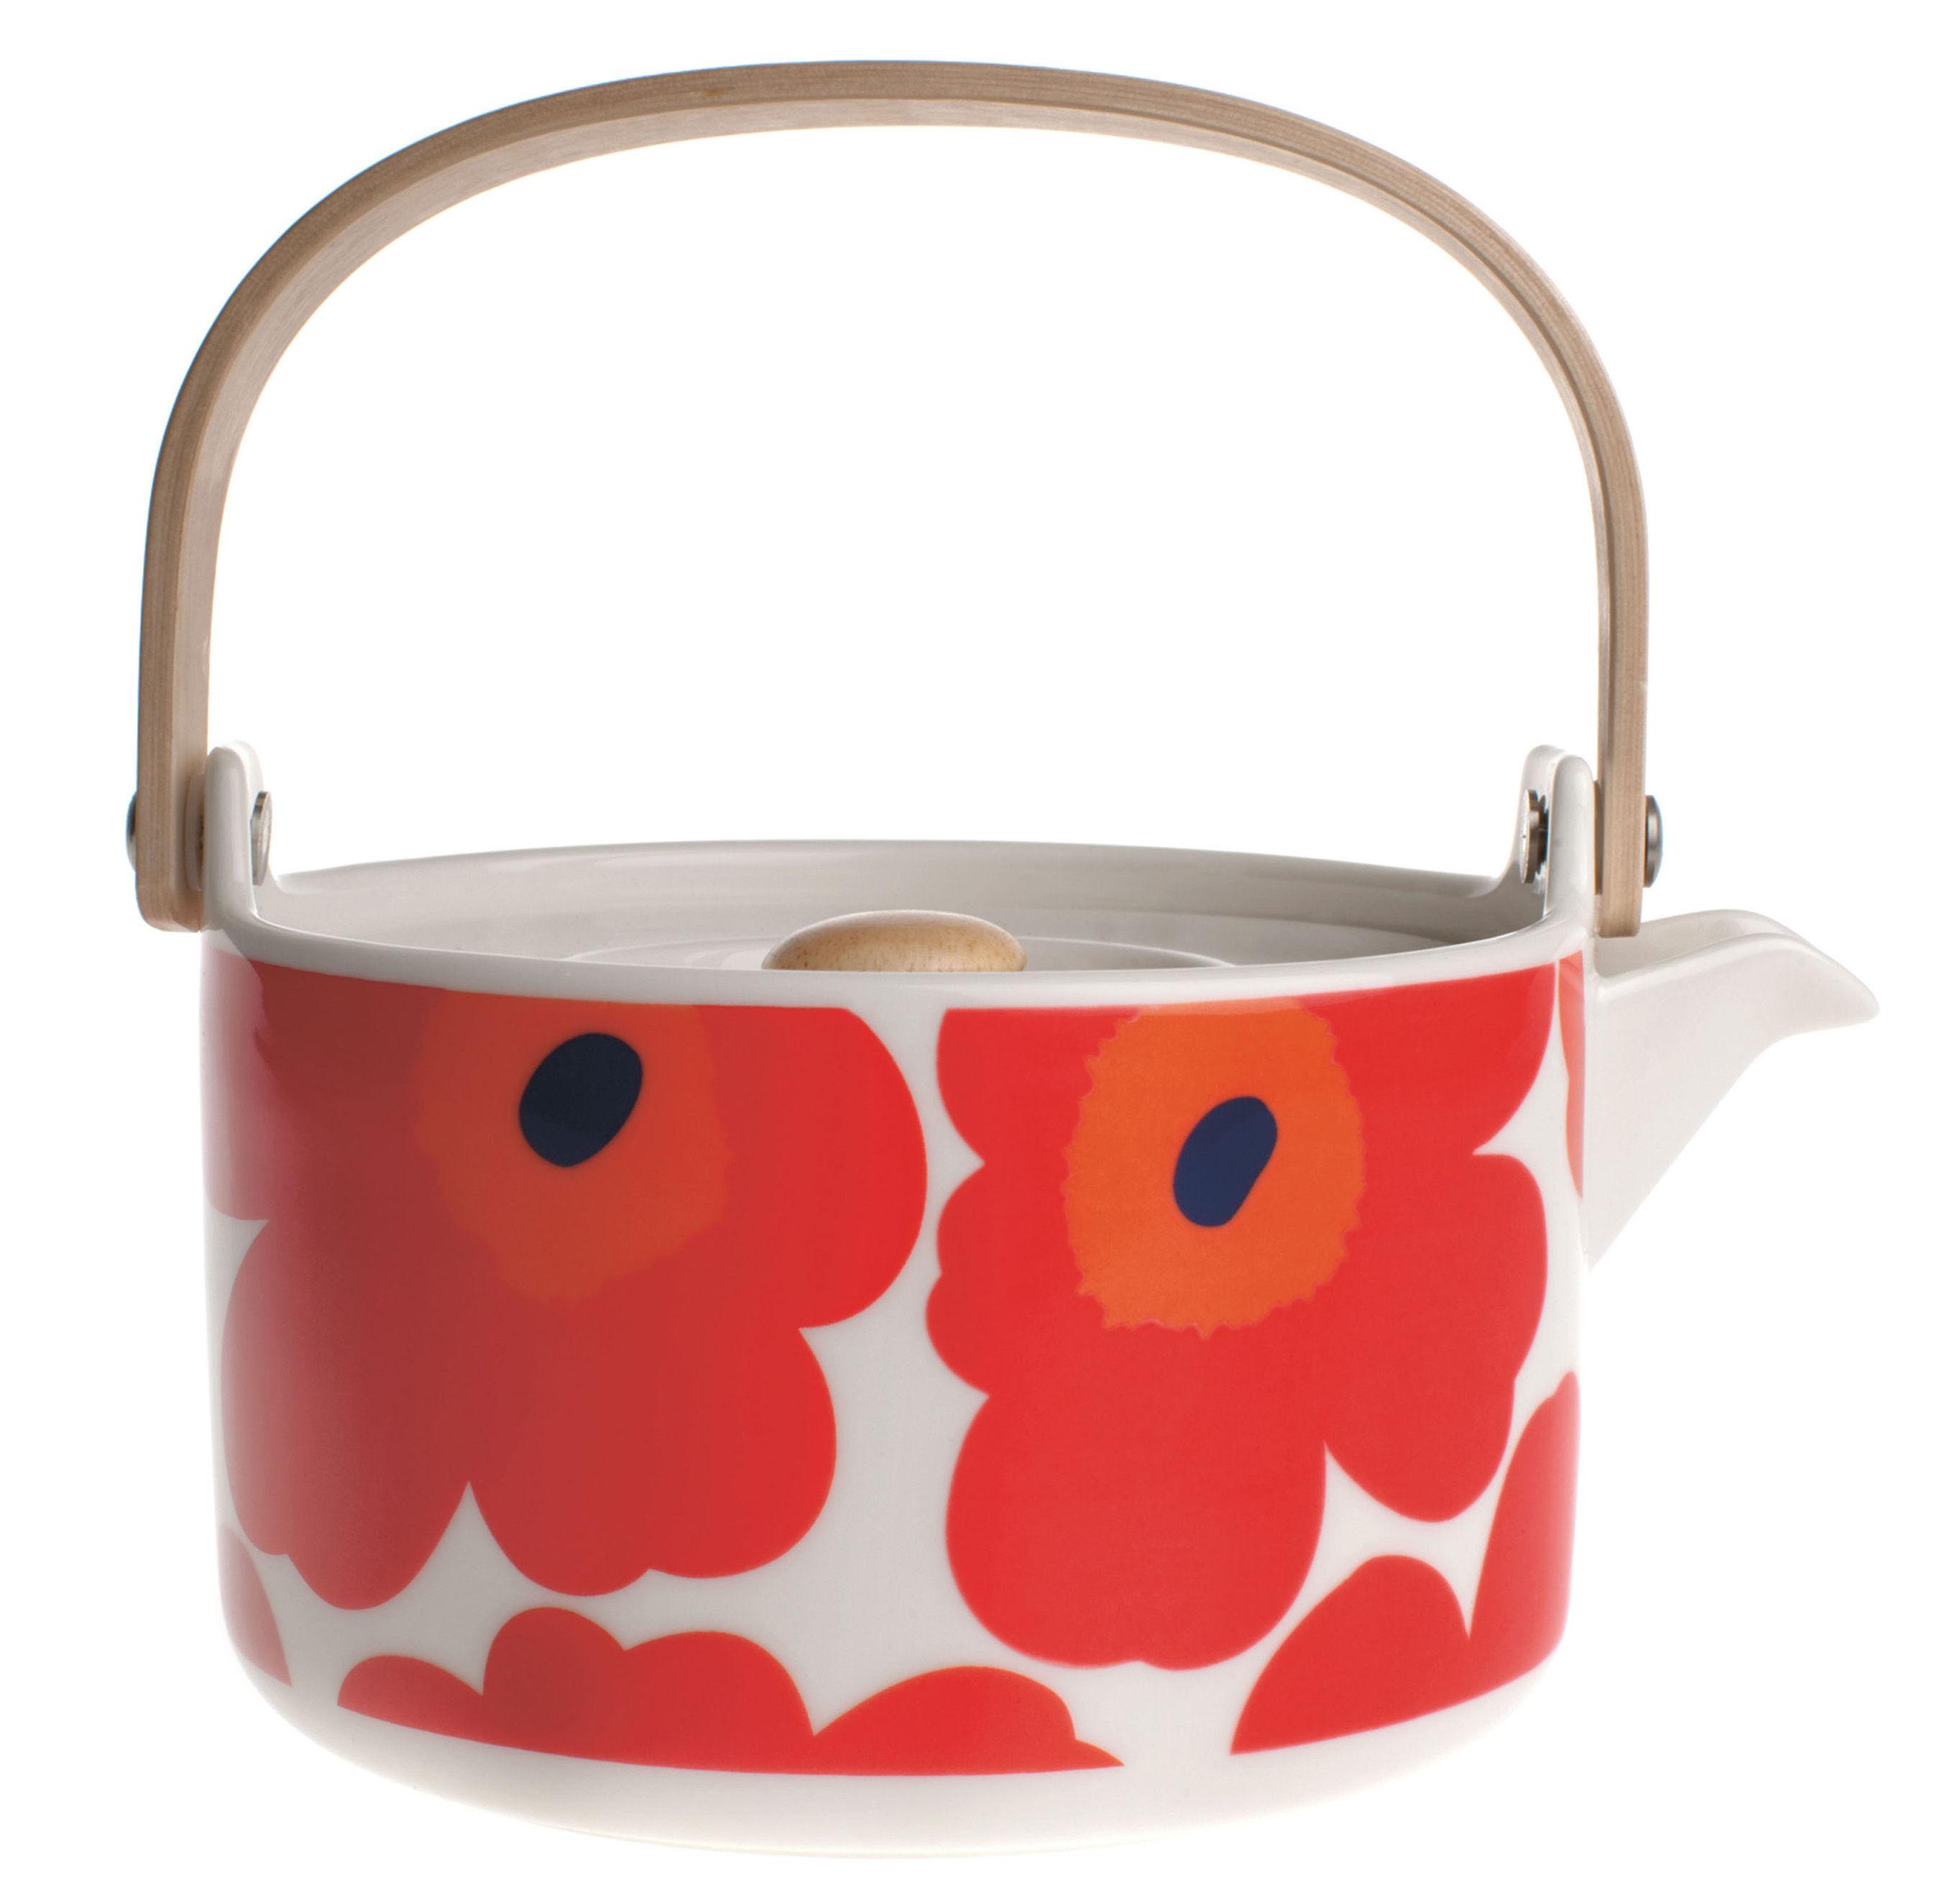 Tischkultur - Tee und Kaffee - Unikko Teekanne - Marimekko - Unikko - Rot & weiß - Sandstein